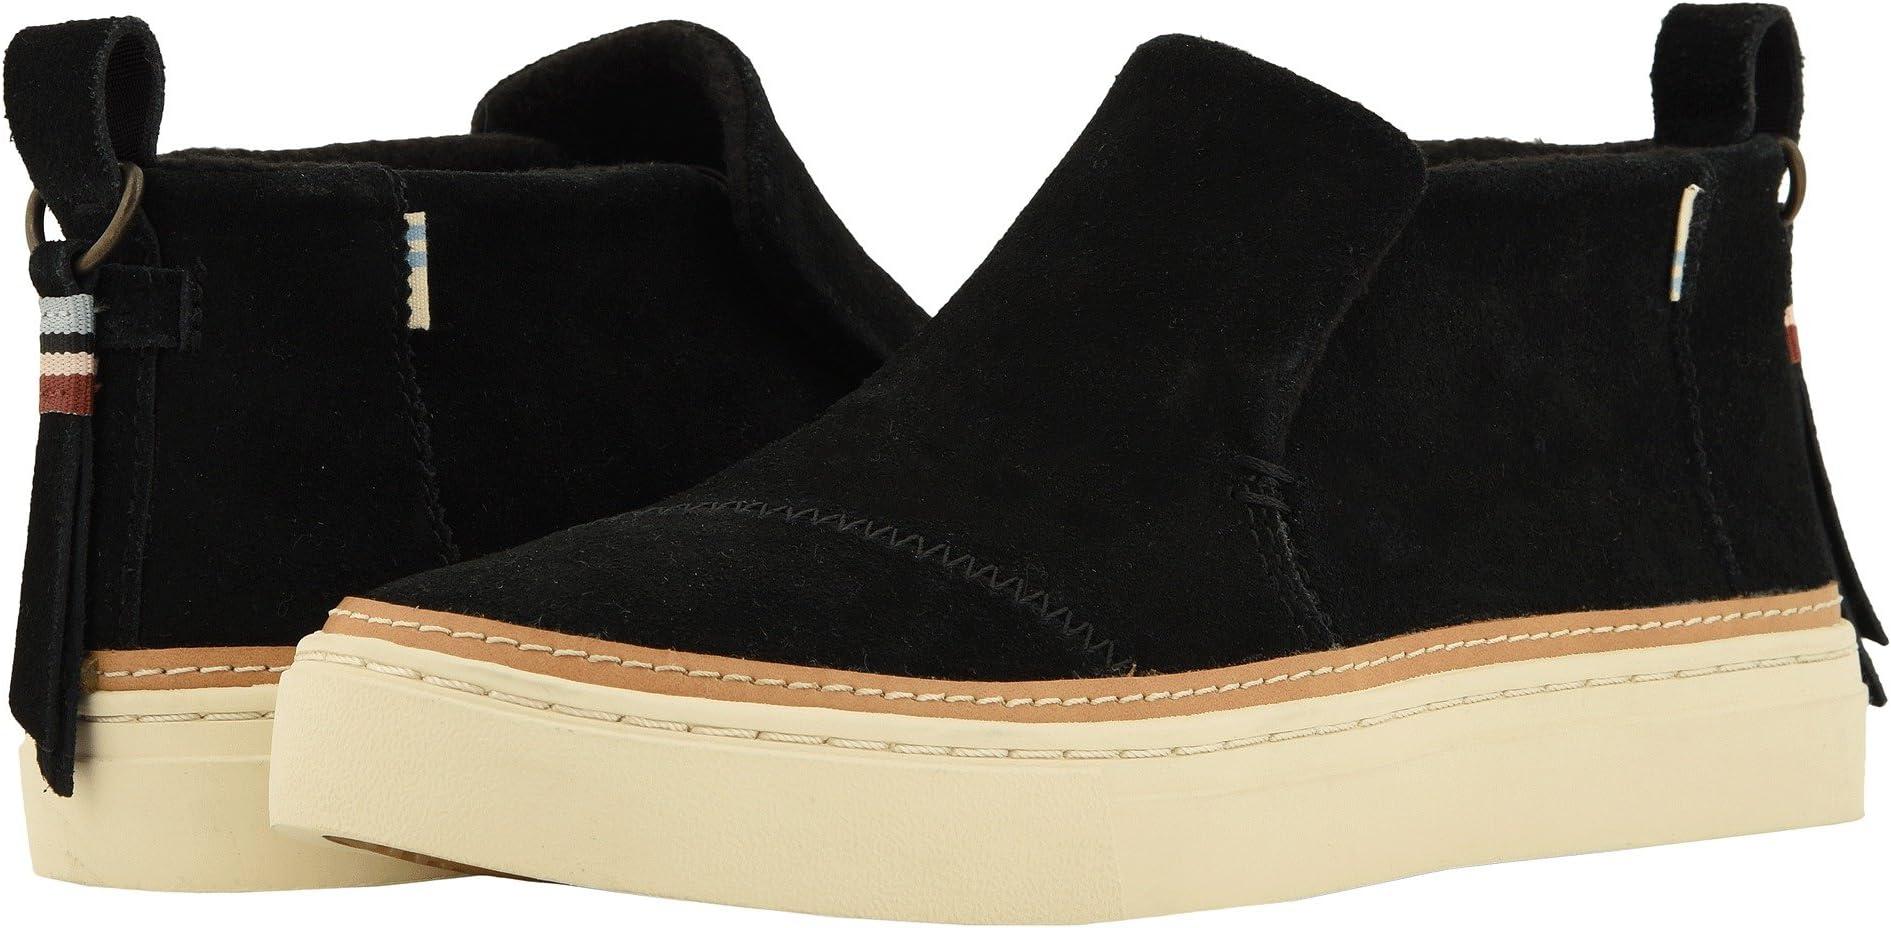 ac7d1d8d09343 TOMS Shoes   Zappos.com